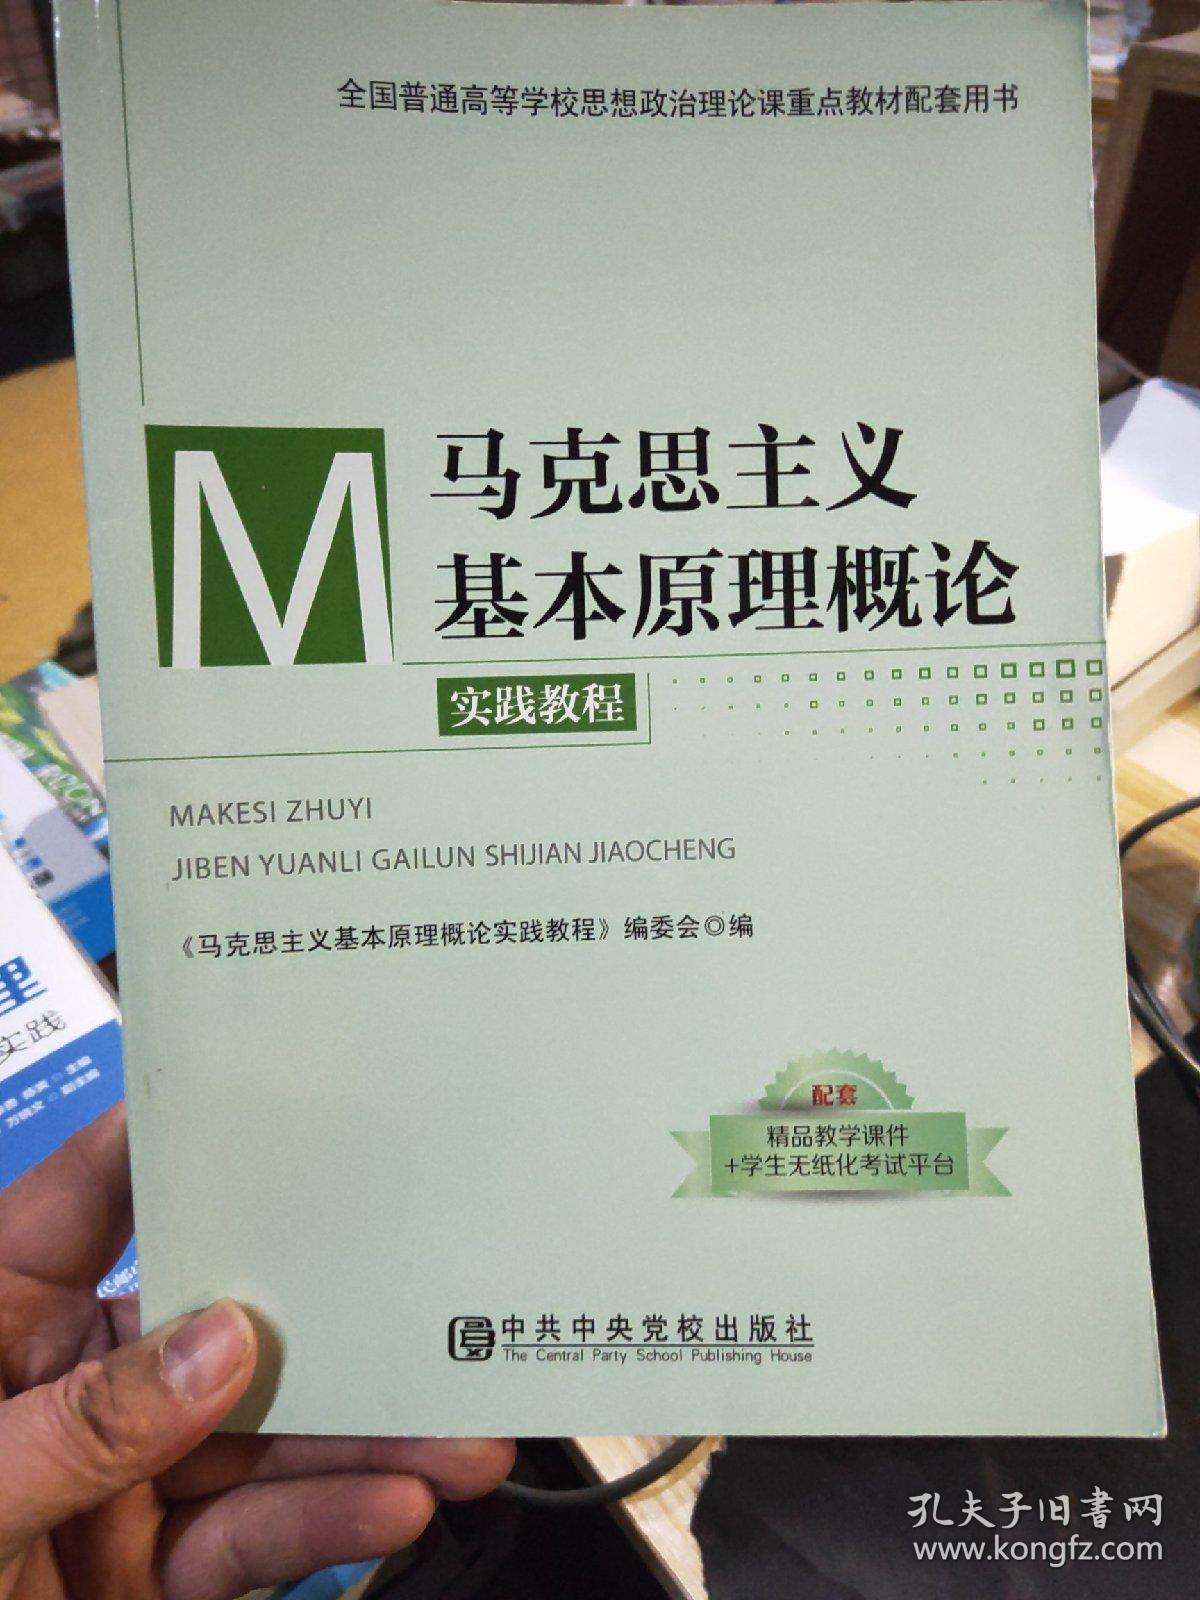 马克思主义基本原理概论实践教程 中共中央党校出版社   2019年5月